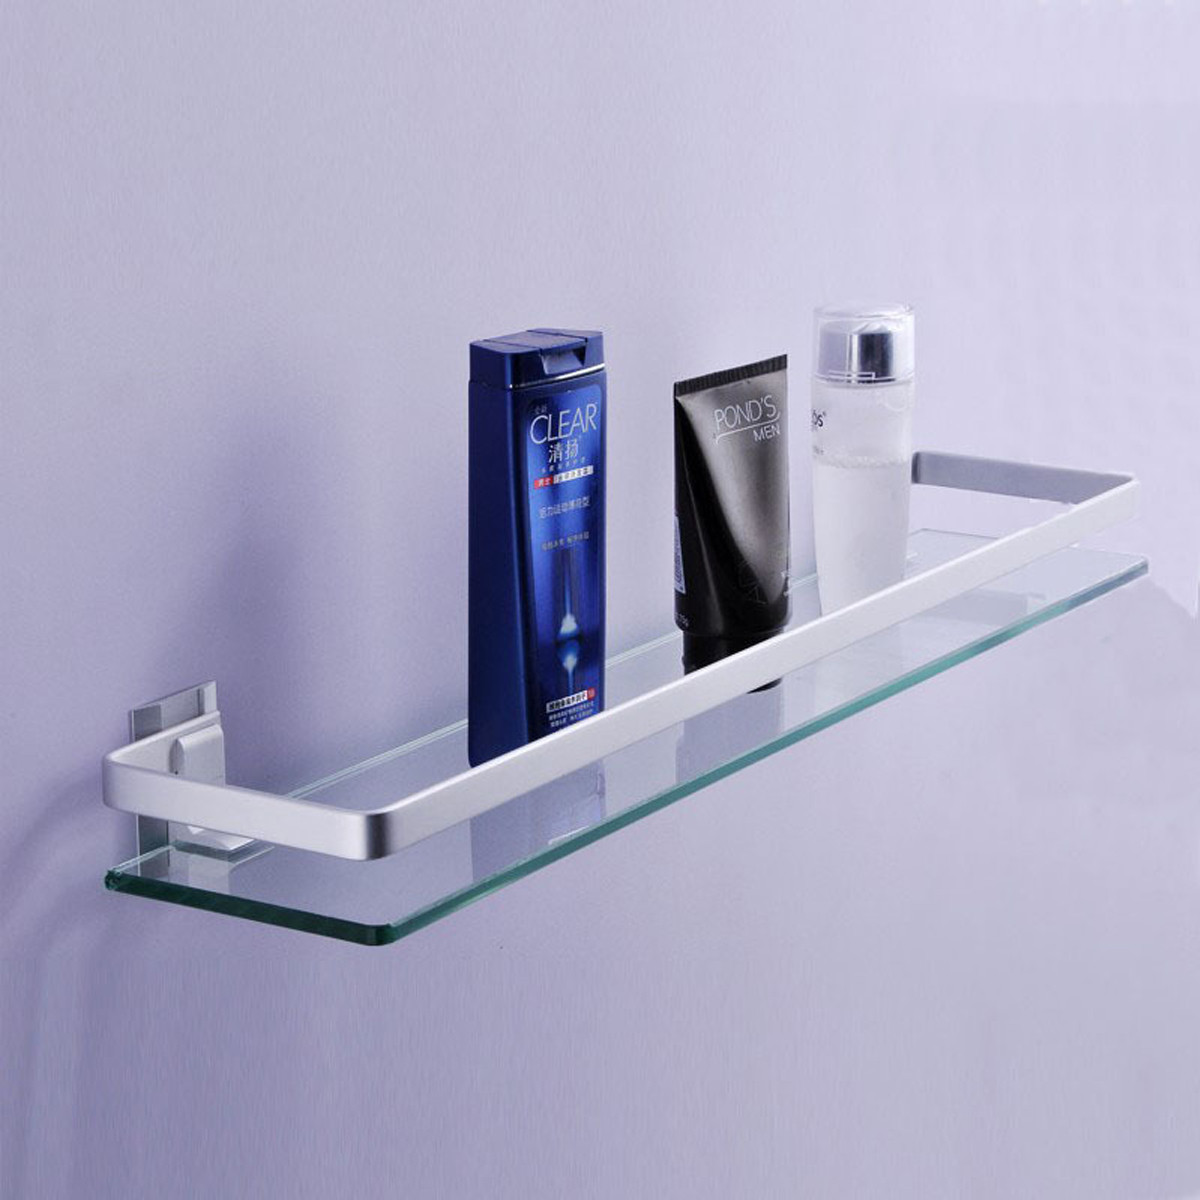 Accessoire Salle De Bain Cdiscount ~ etag re porte accessoire douche rangement de salle de bain et